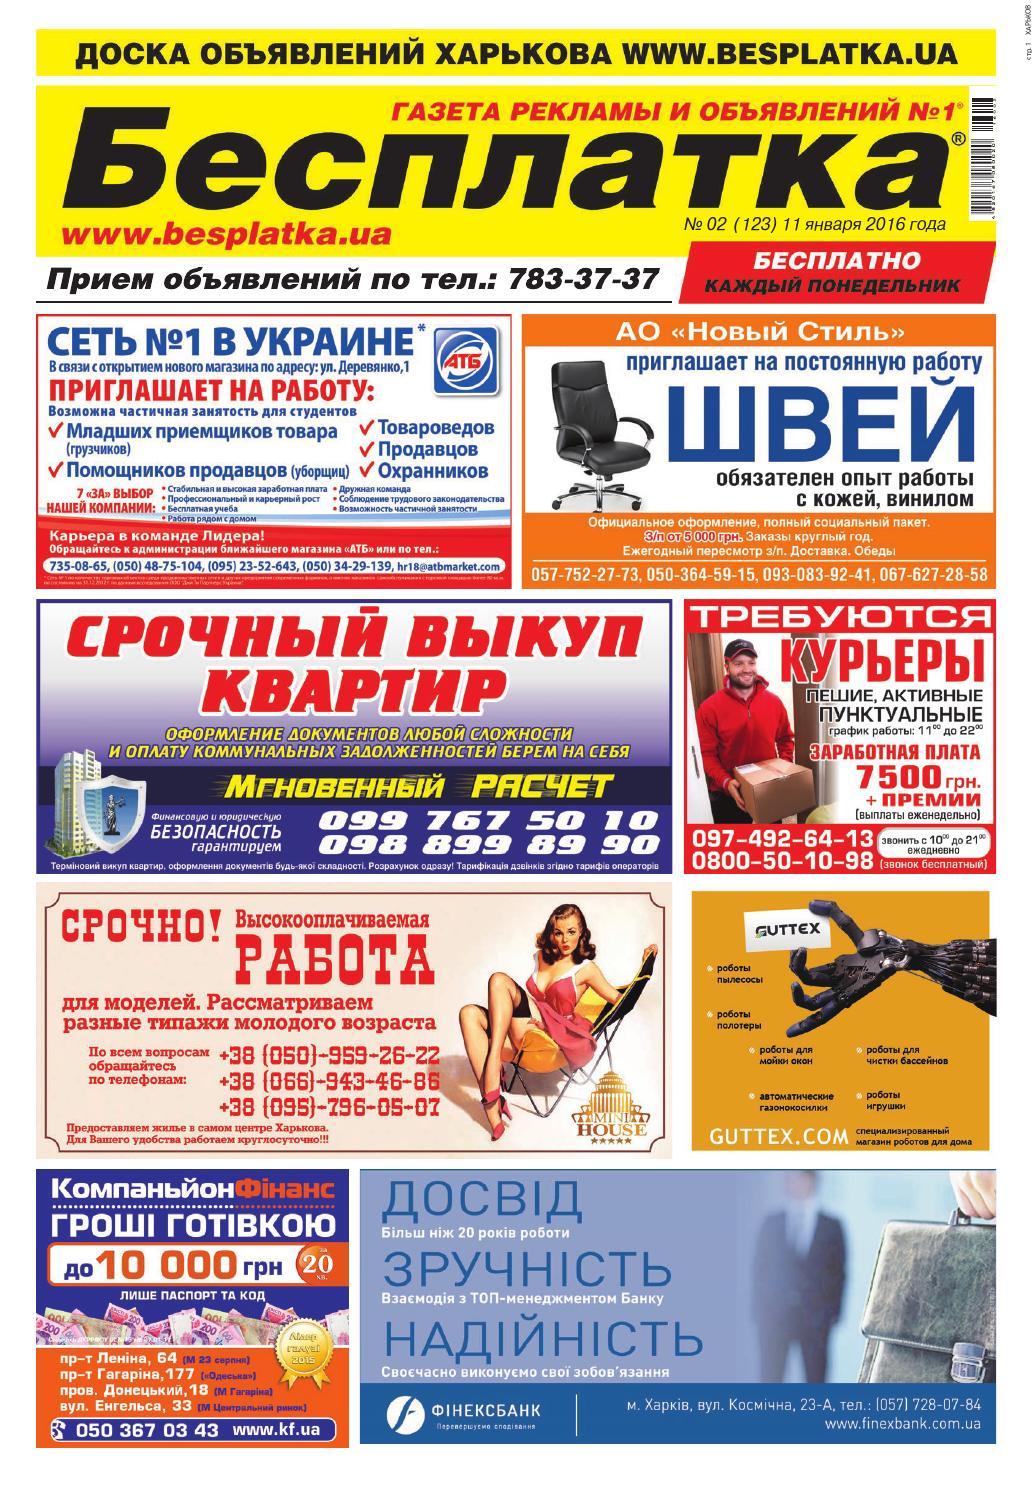 obyavleniya-intimnie-kiev